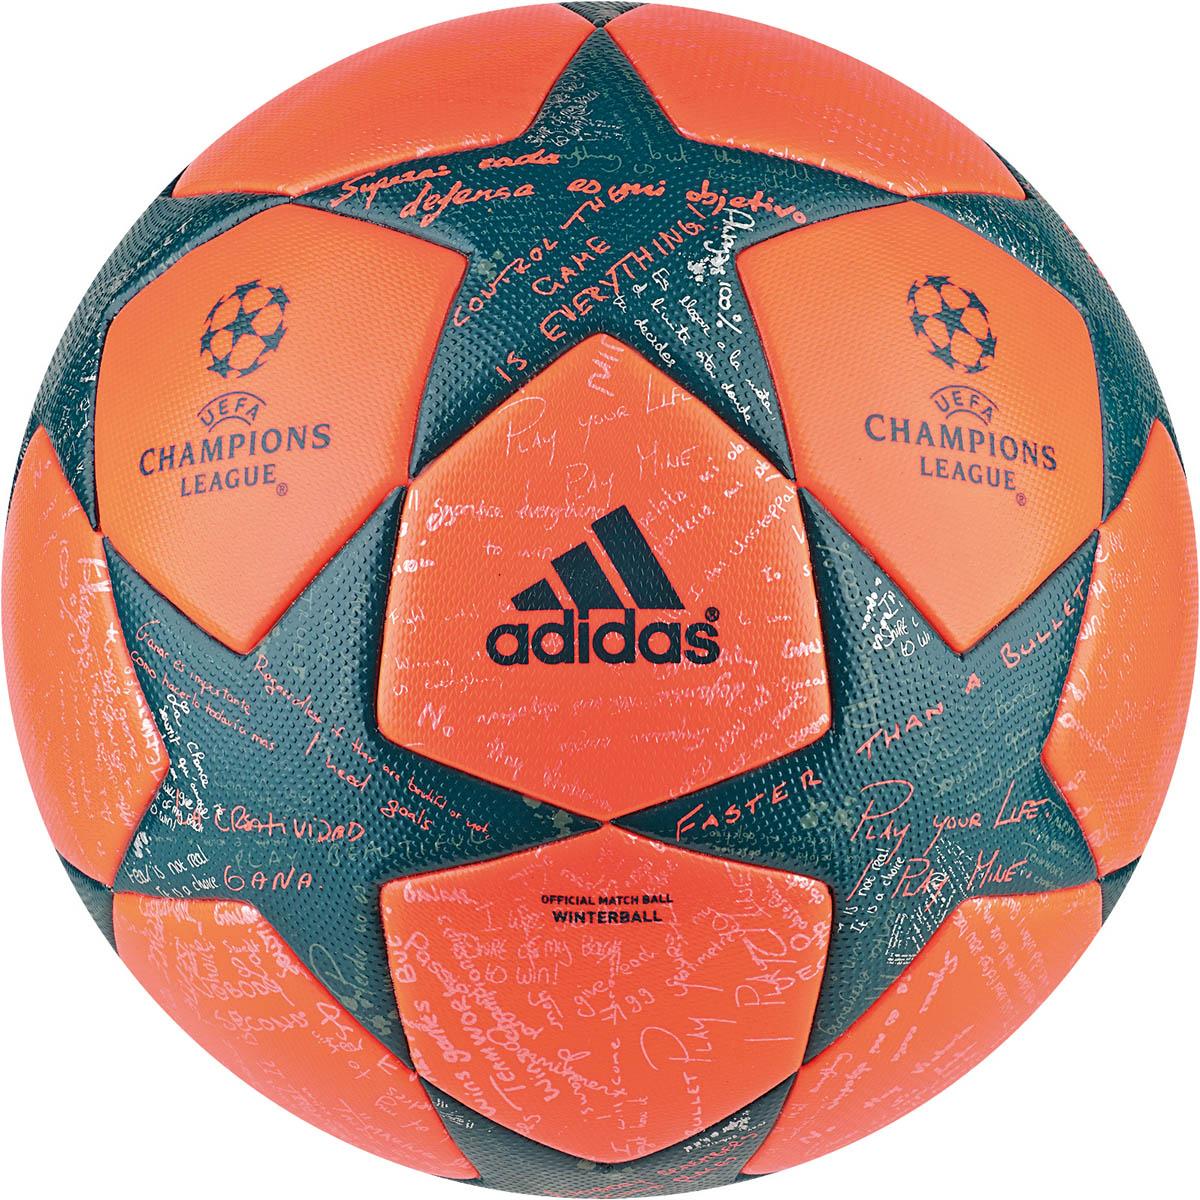 https://1.bp.blogspot.com/-u0oGWKAHW7A/VsLZ5Uj2KtI/AAAAAAAA4HU/i5jCPiuwbps/s1600/Adidas-16-17-Champions-League-Winter-Ball%2B%25282%2529.jpg